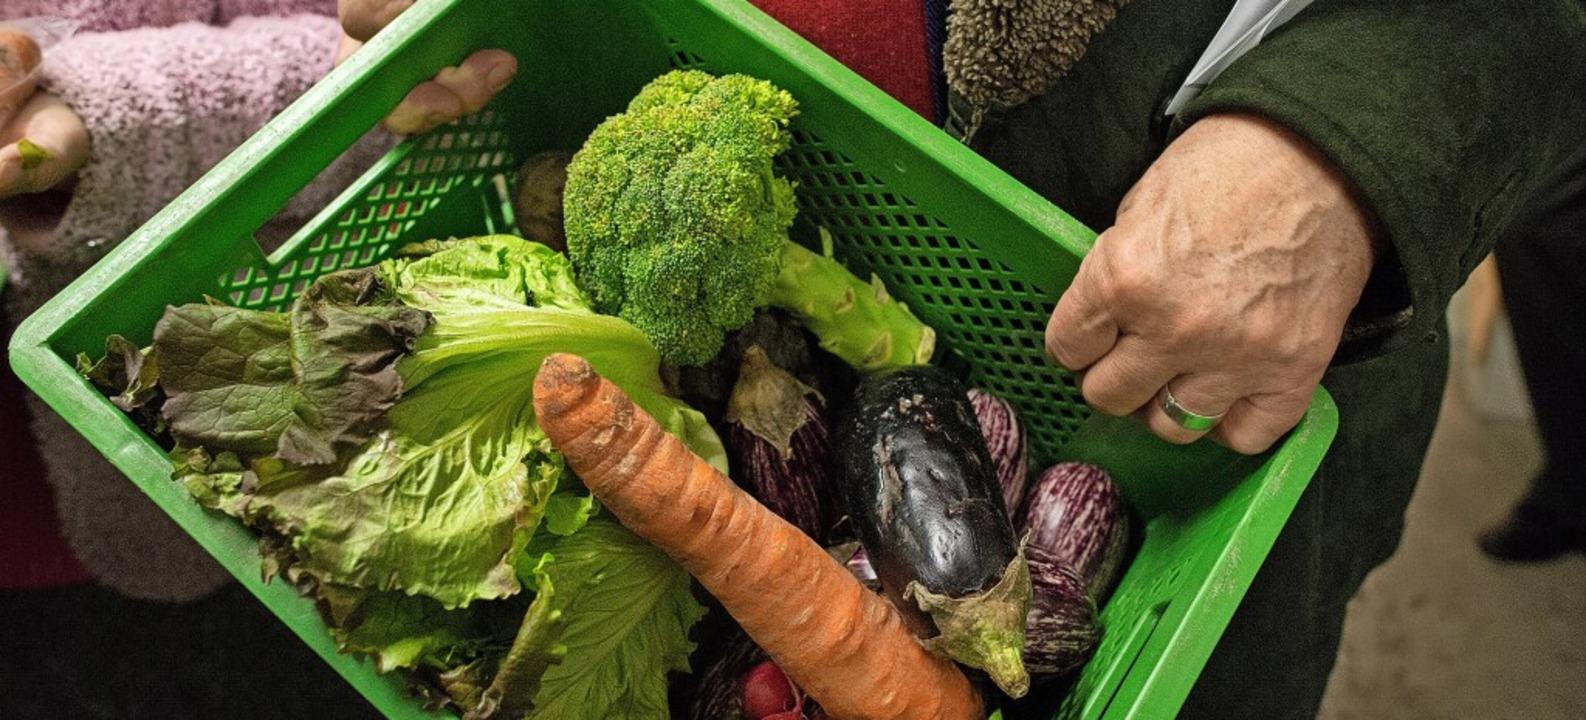 Aussortiertes Gemüse und andere Lebens... und an andere Essensretter verteilen.  | Foto: Matthias Balk